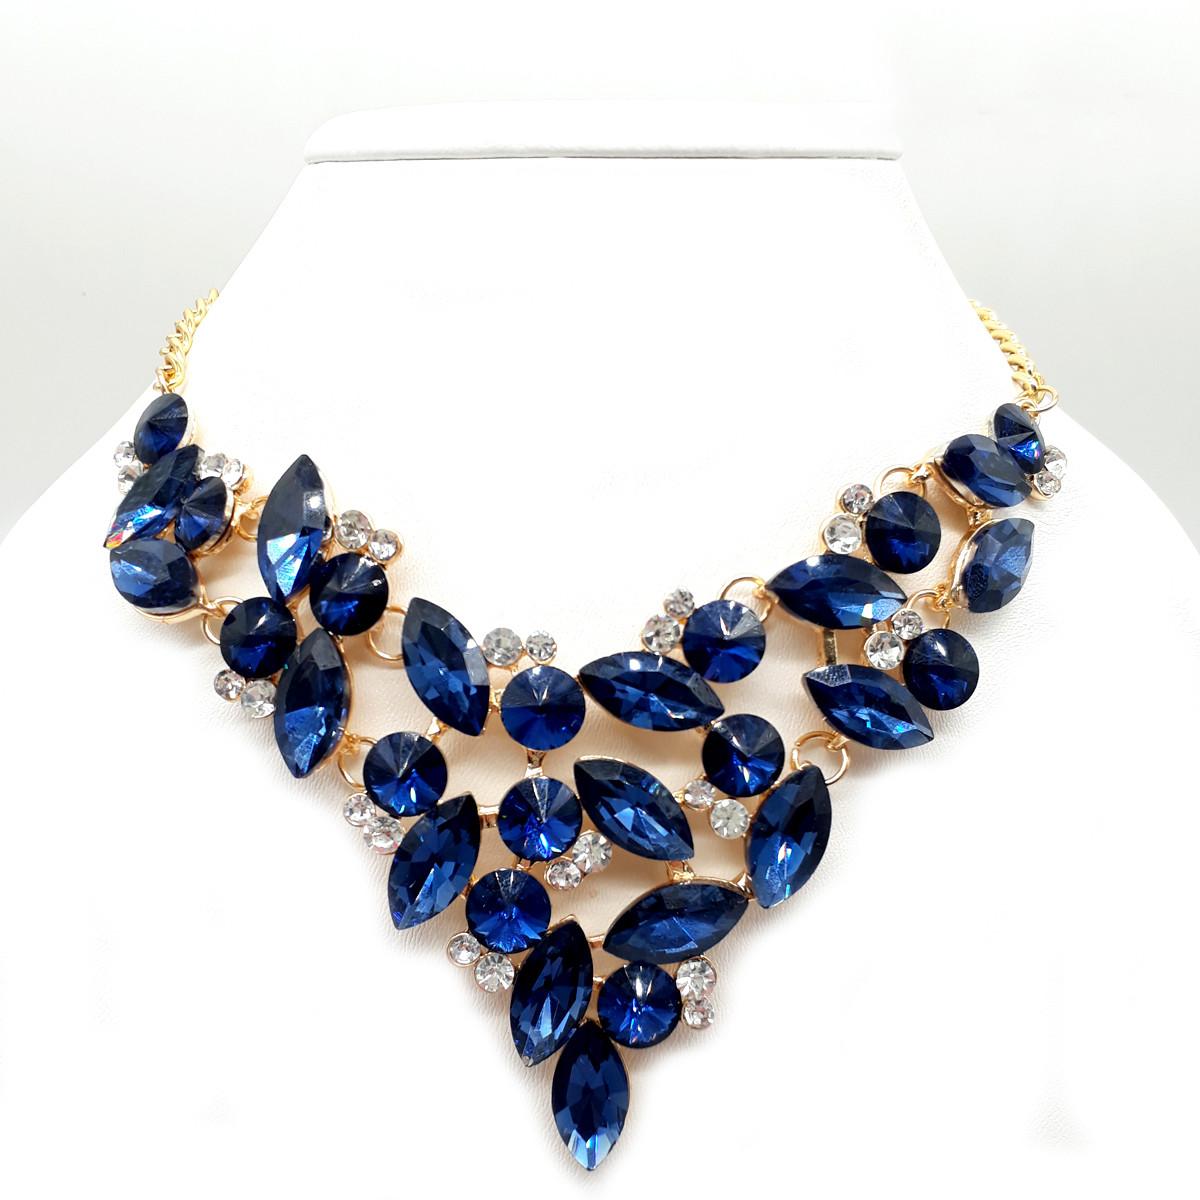 Колье SONATA, синие фианиты, позолота 18К, 63162                         (1)